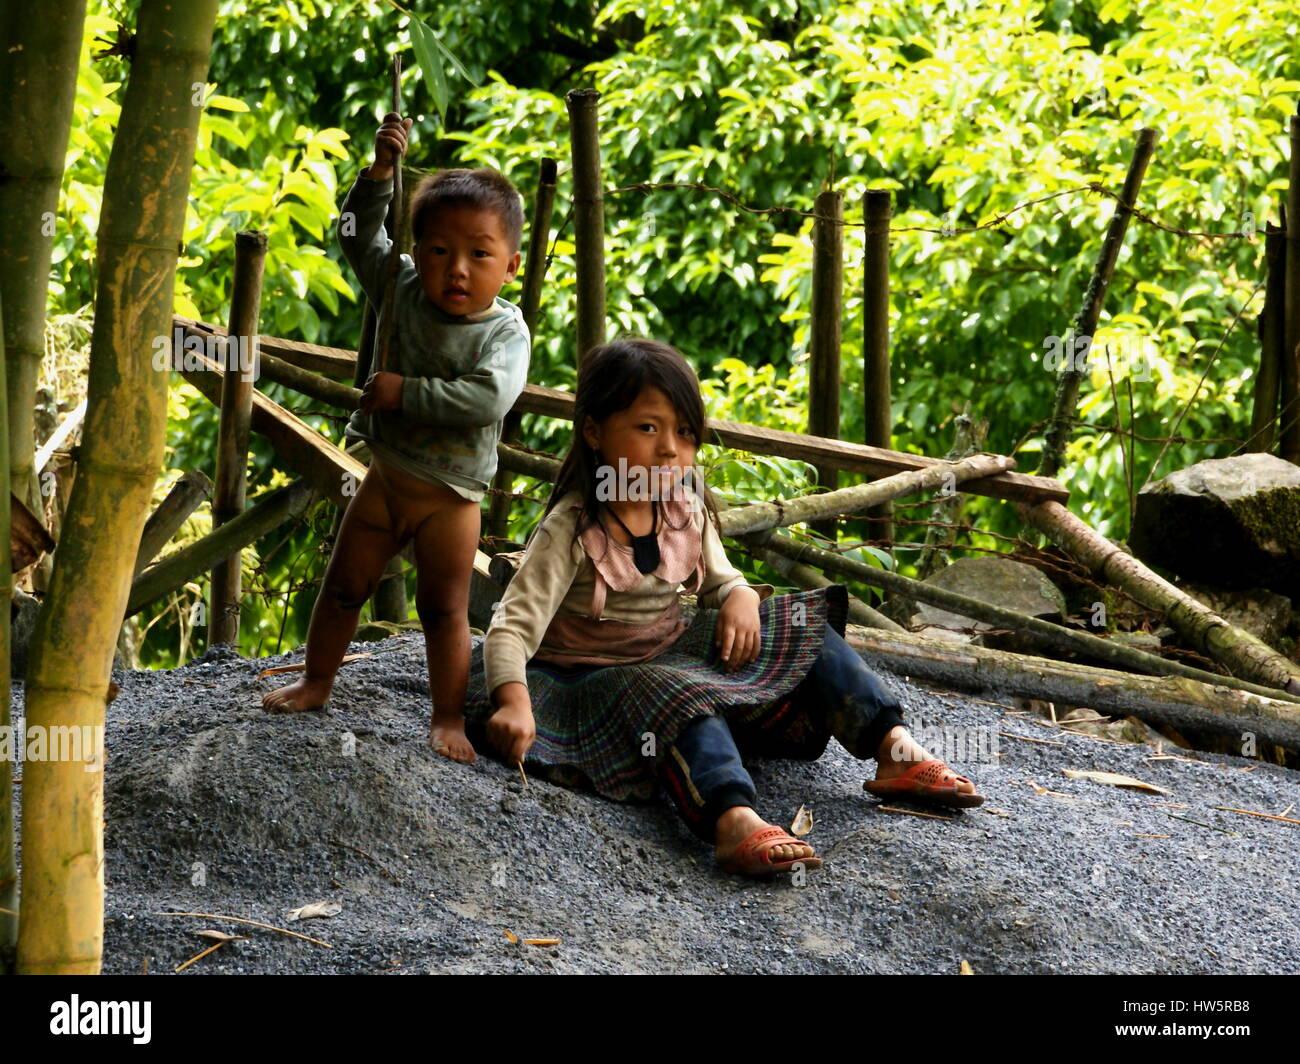 Los niños vietnamitas. Las minorías nacionales en Sapa. Hermano y hermana, están jugando en la naturaleza. Imagen De Stock